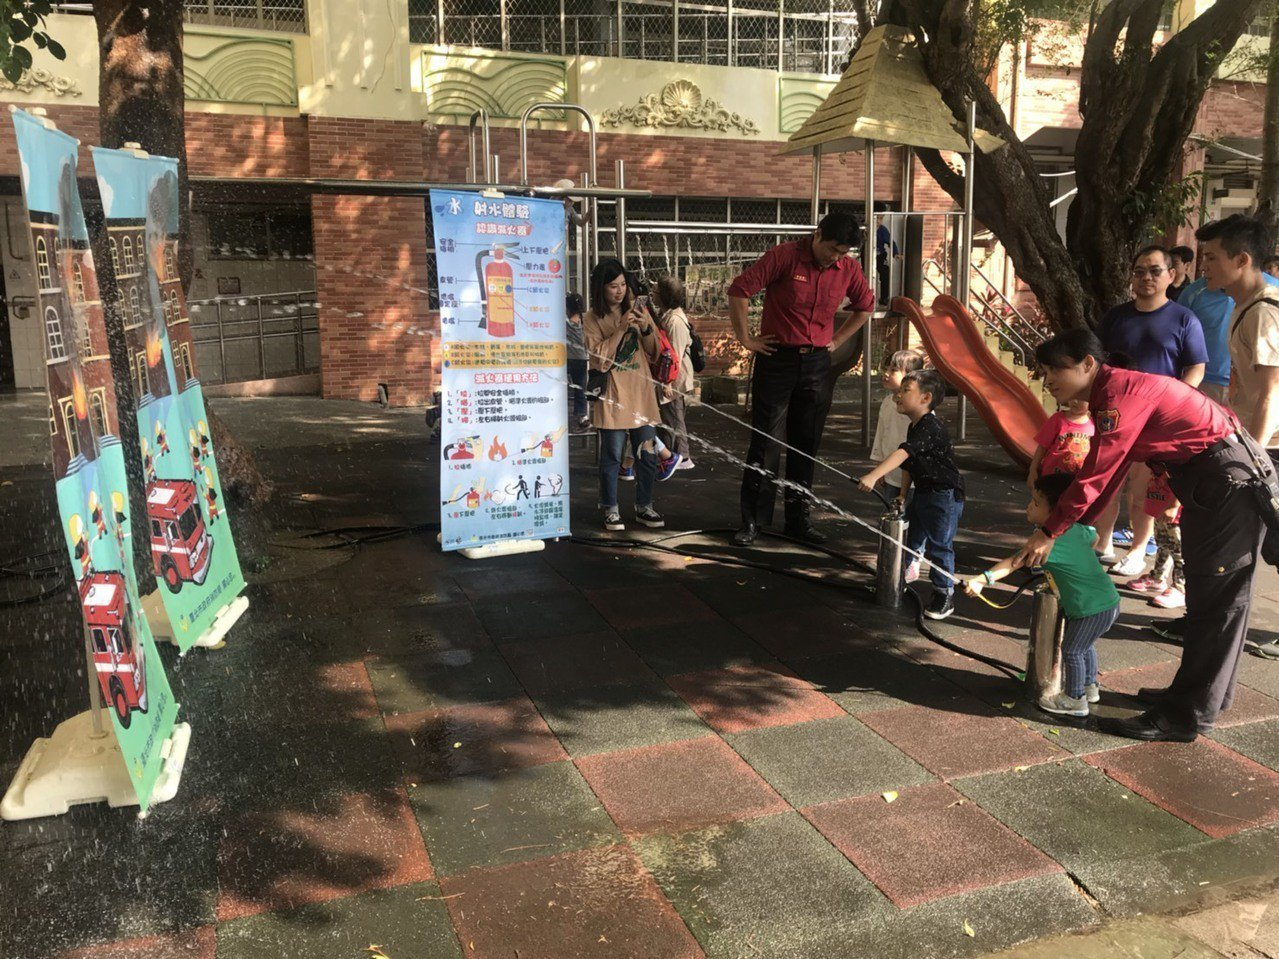 活動除有園遊會義賣外,北市消防局讓雙胞胎小朋友們充當消防員,以強力水柱模擬救火的...